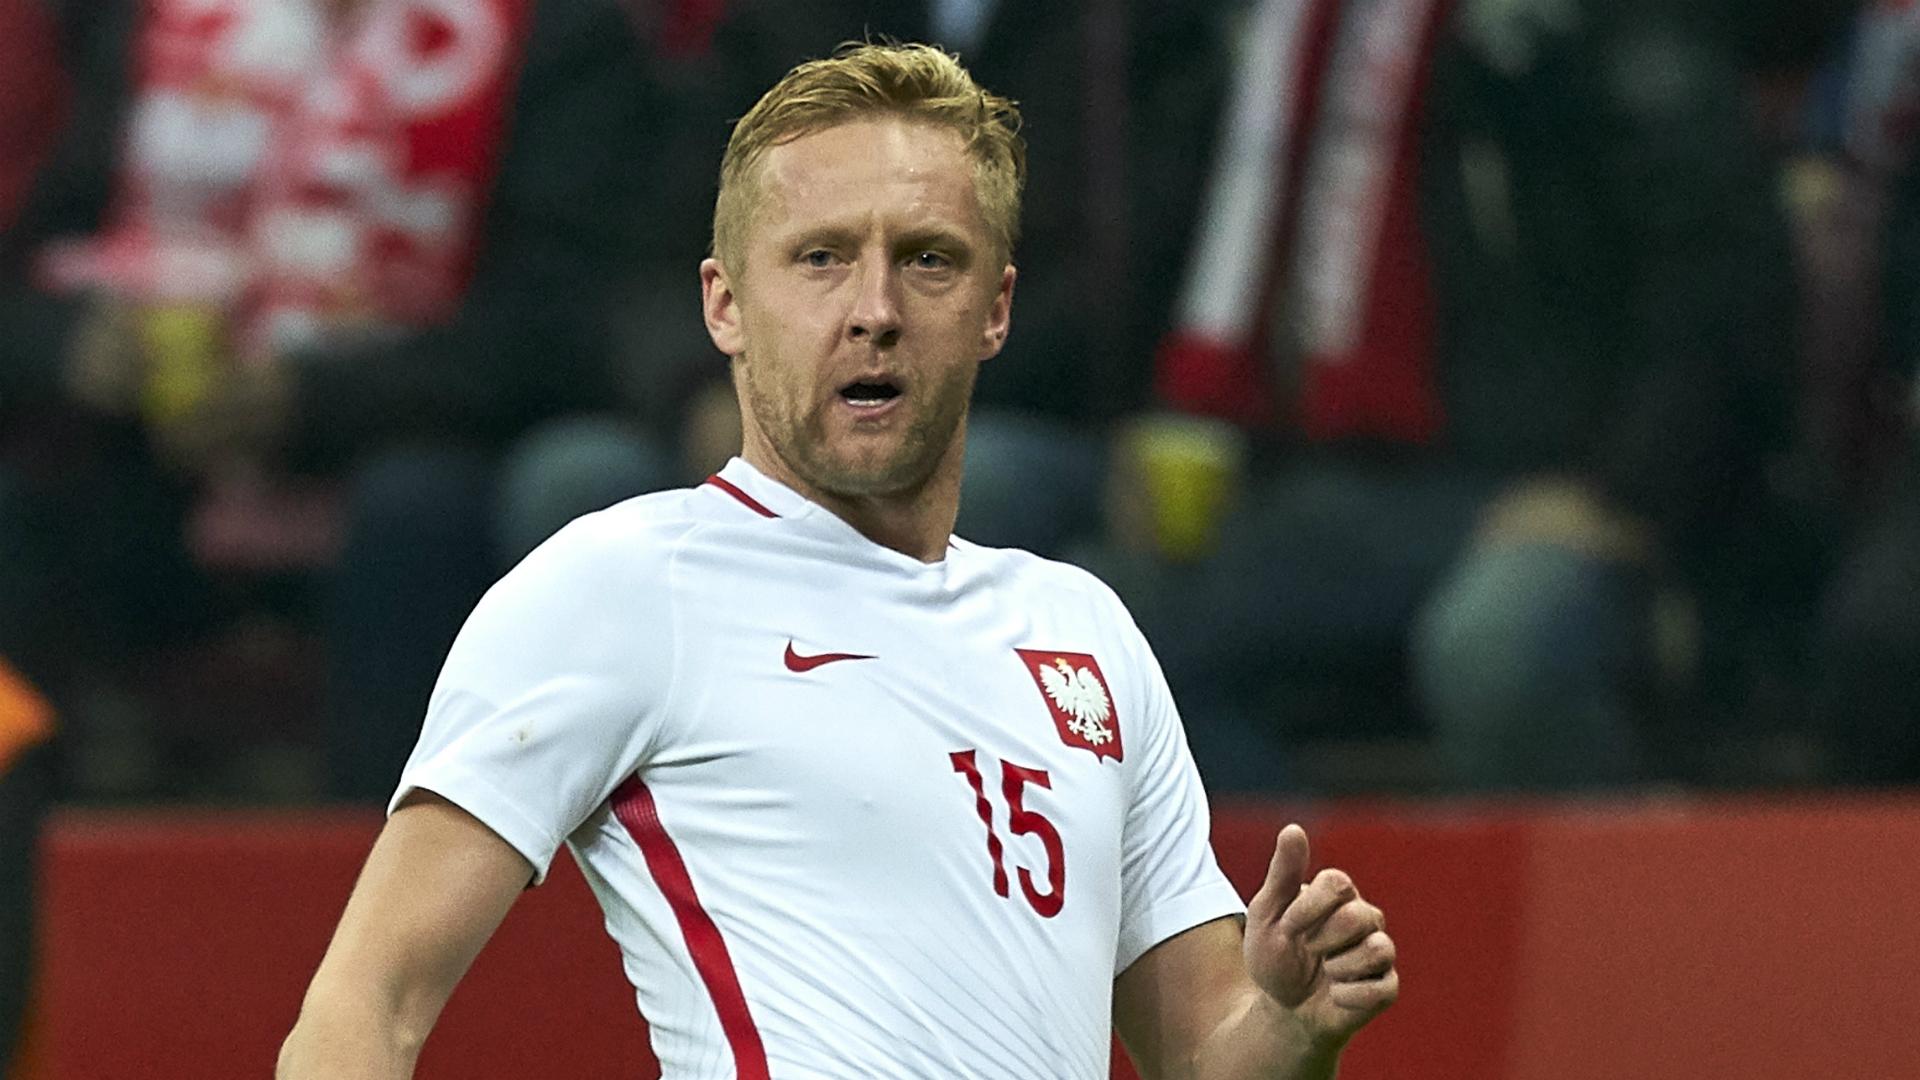 Alerte pour Kamil Glik à 10 jours du Mondial — Pologne